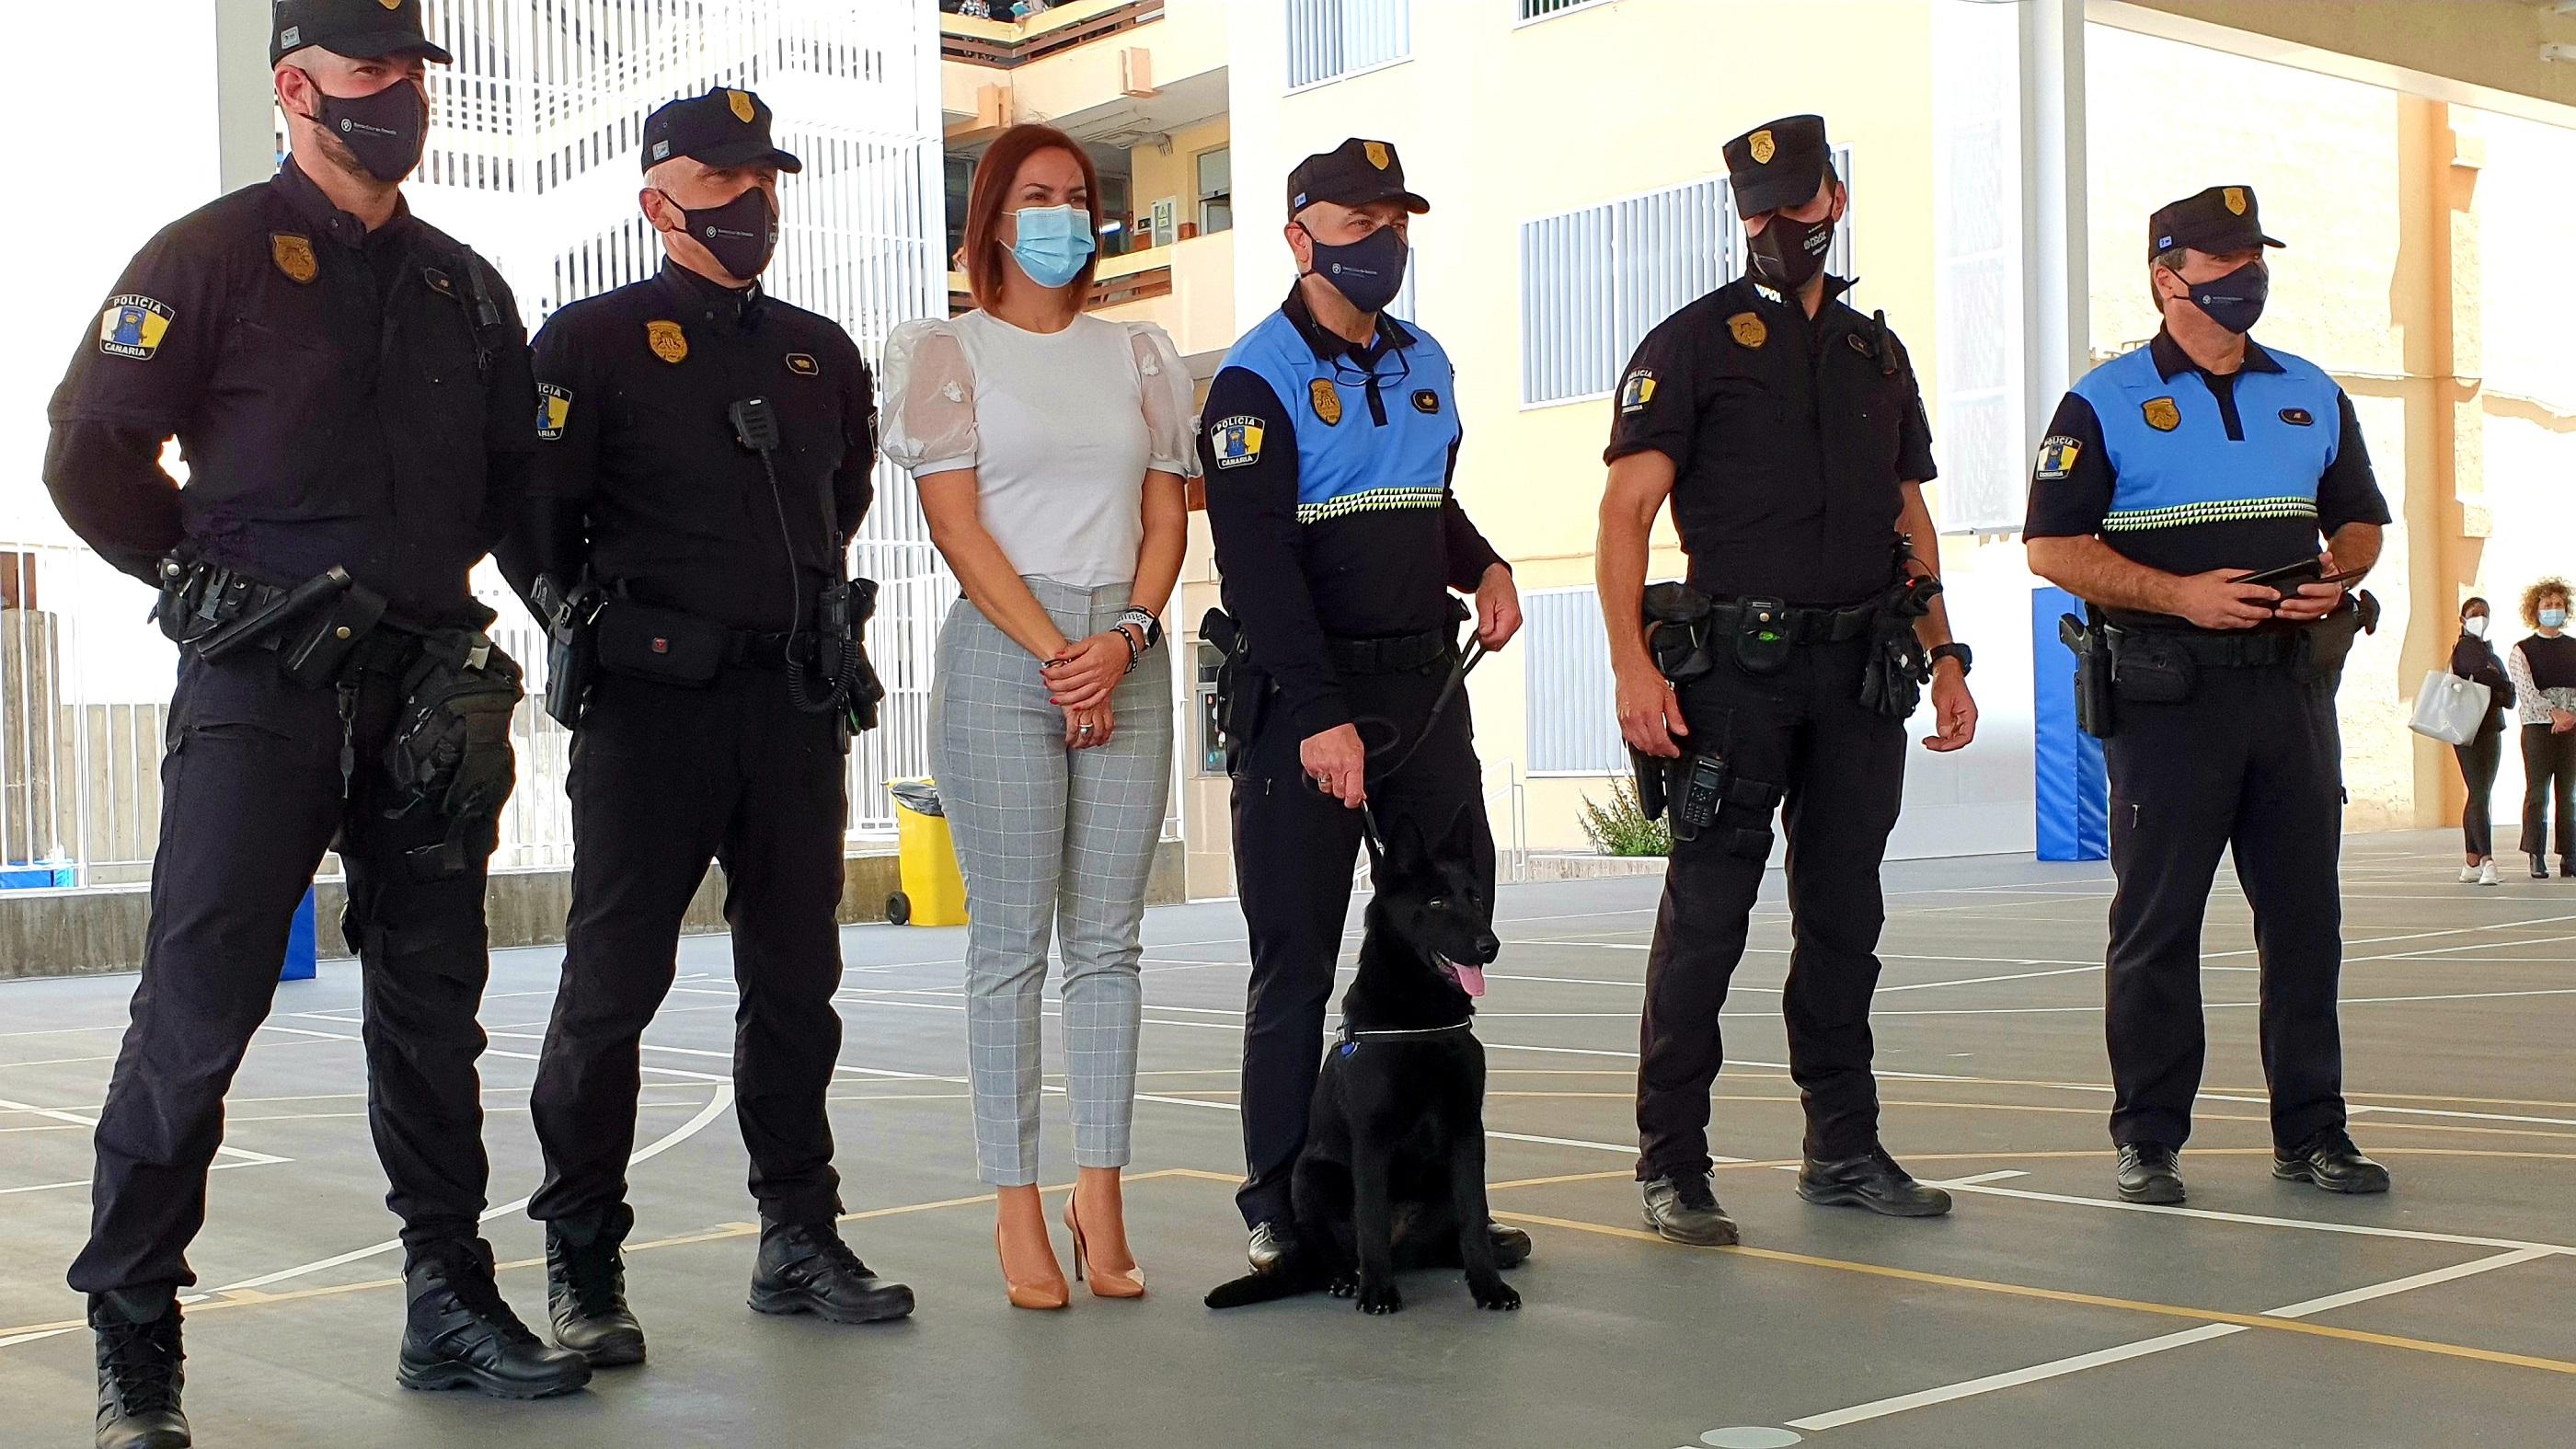 """Presentación de """"Furia"""" de la Unidad Canina de la Policía de Santa Cruz de Tenerife / CanariasNoticias.es"""